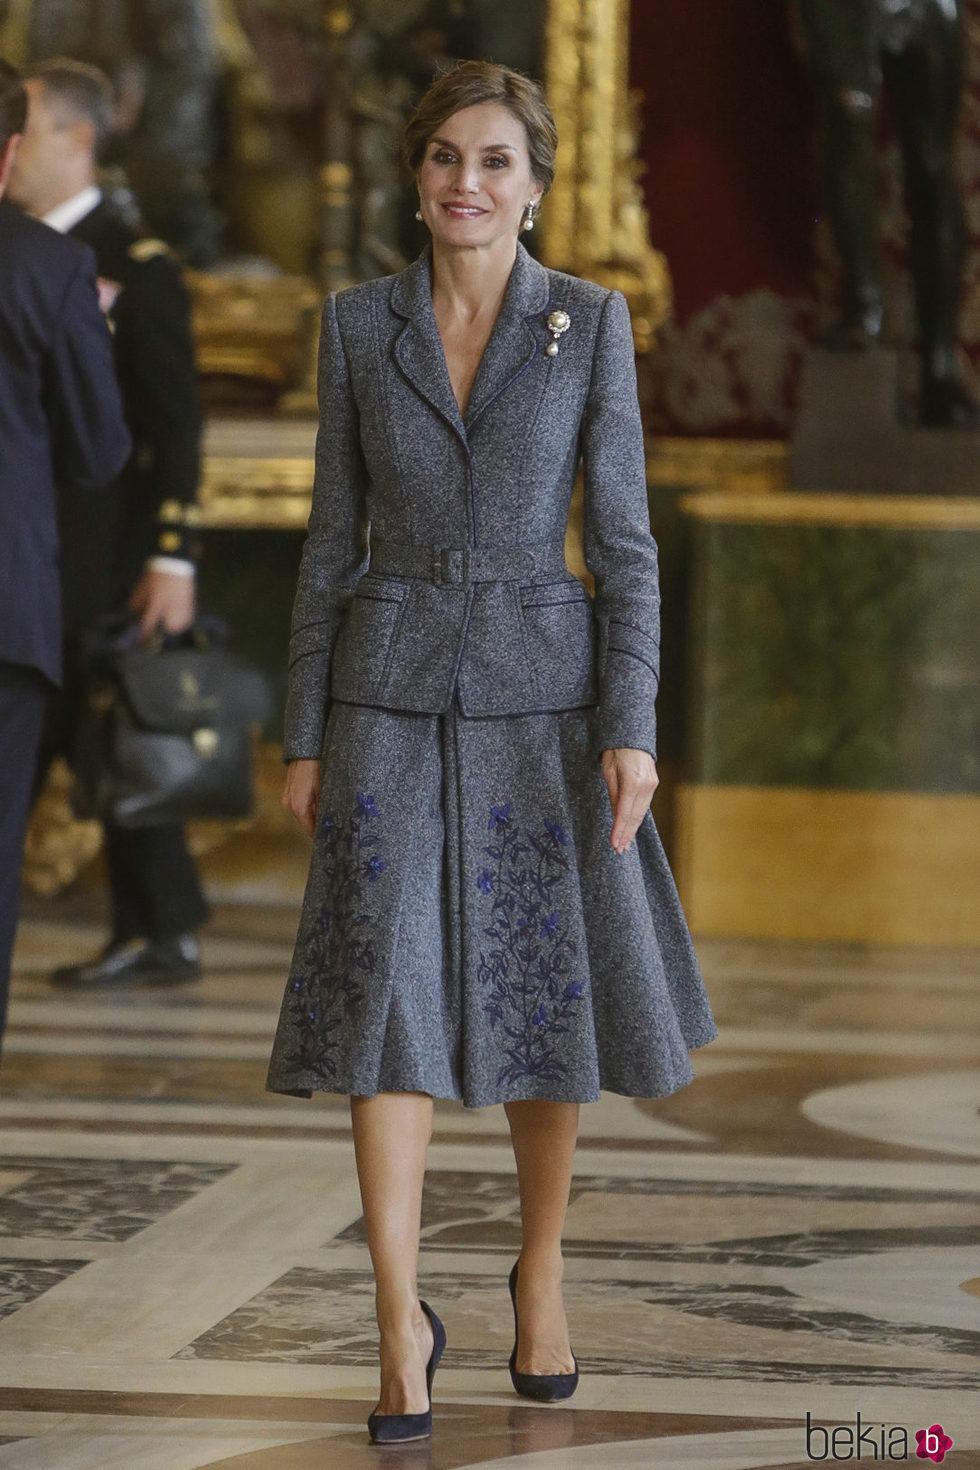 La Reina Letizia con un vestido con chaqueta y falda en el Día de la Hispanidad 2017